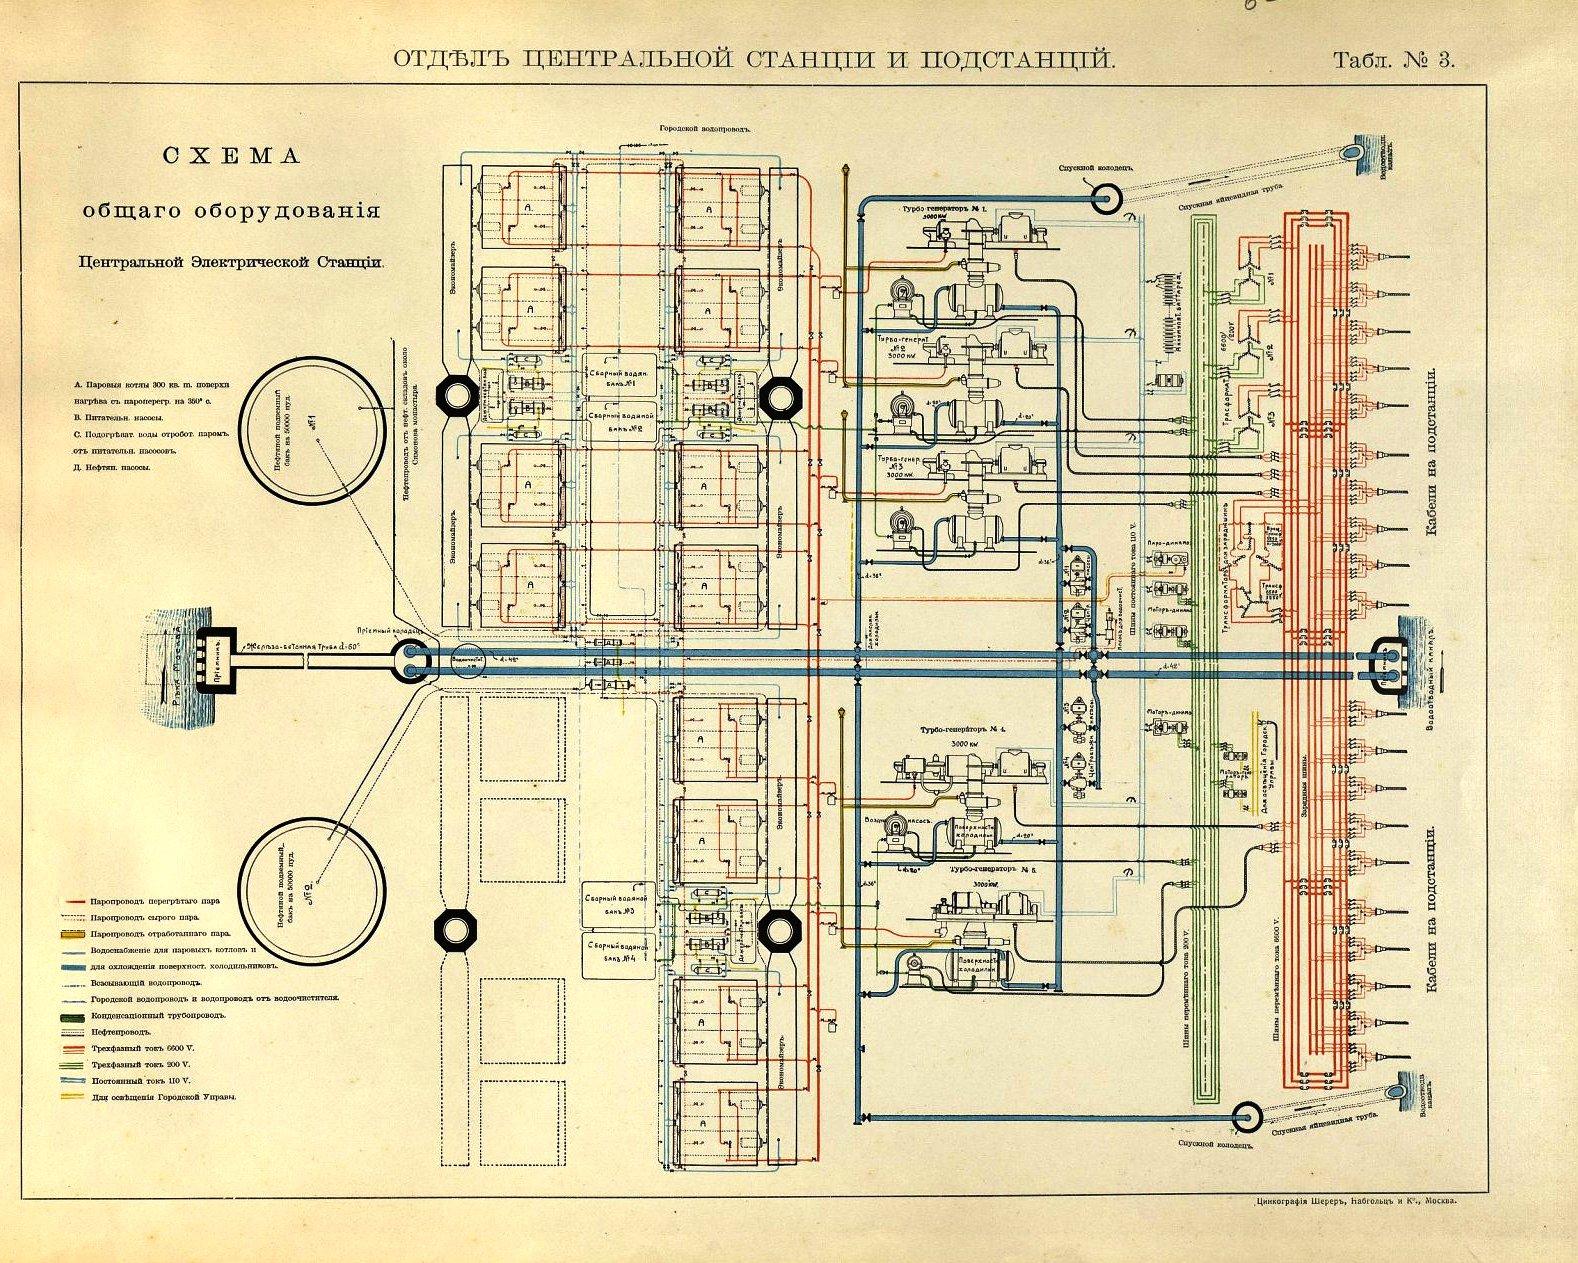 06. Центральная электрическая станция. Схема общего оборудования